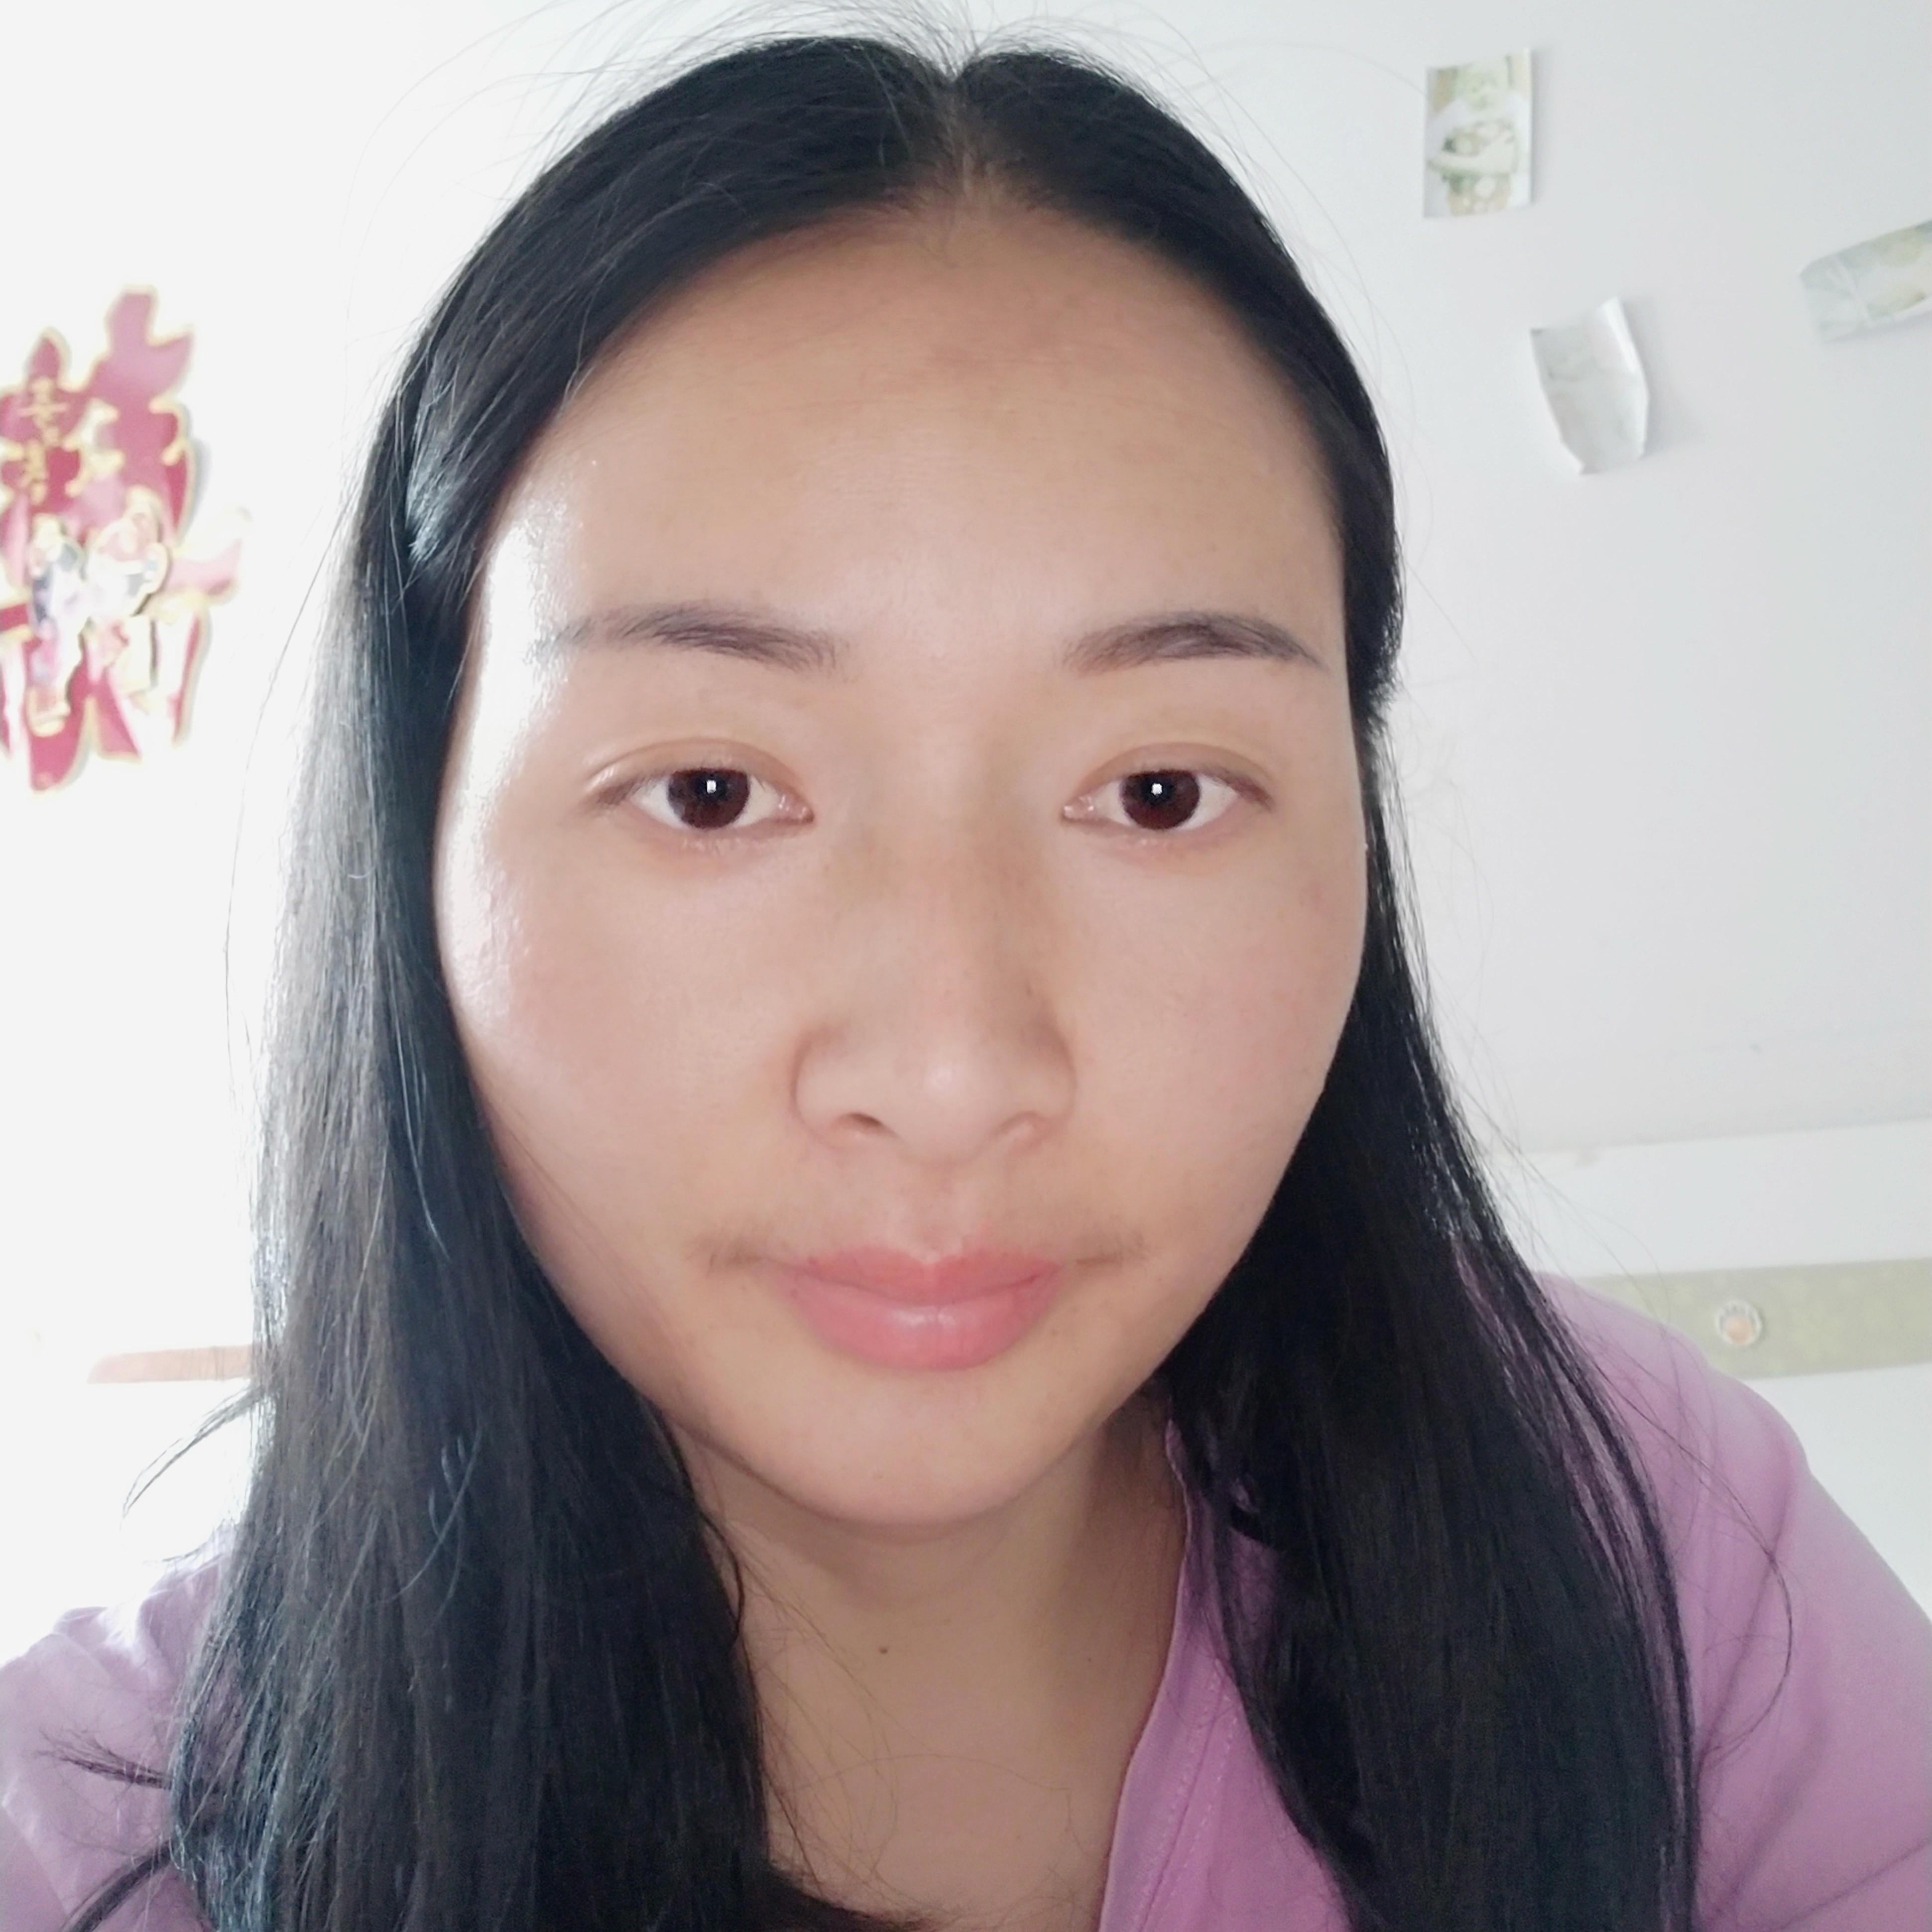 媛丫丫的照片